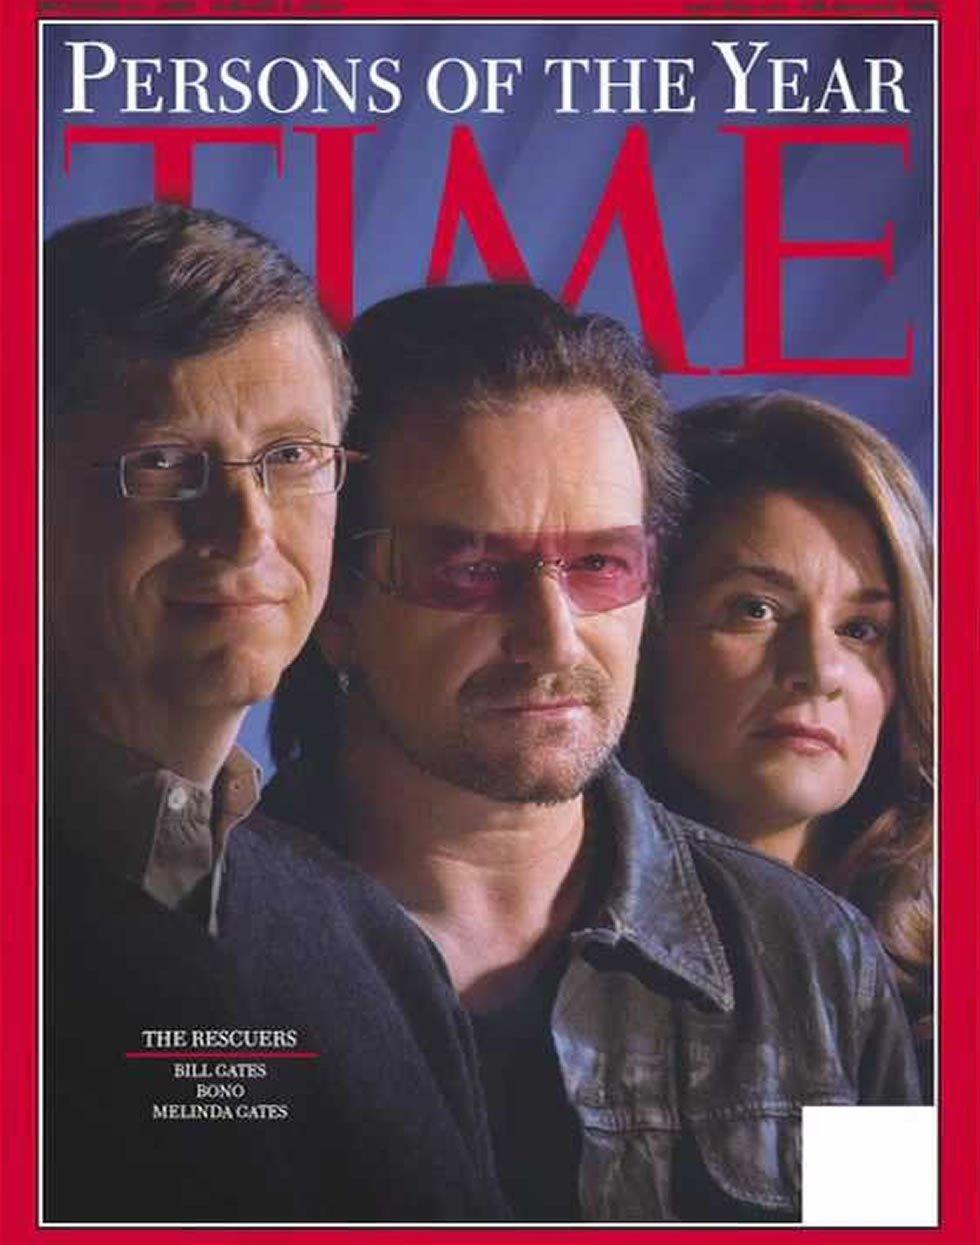 Bono (de U2), Bill Gates y Melinda Gates, portadas de la revista